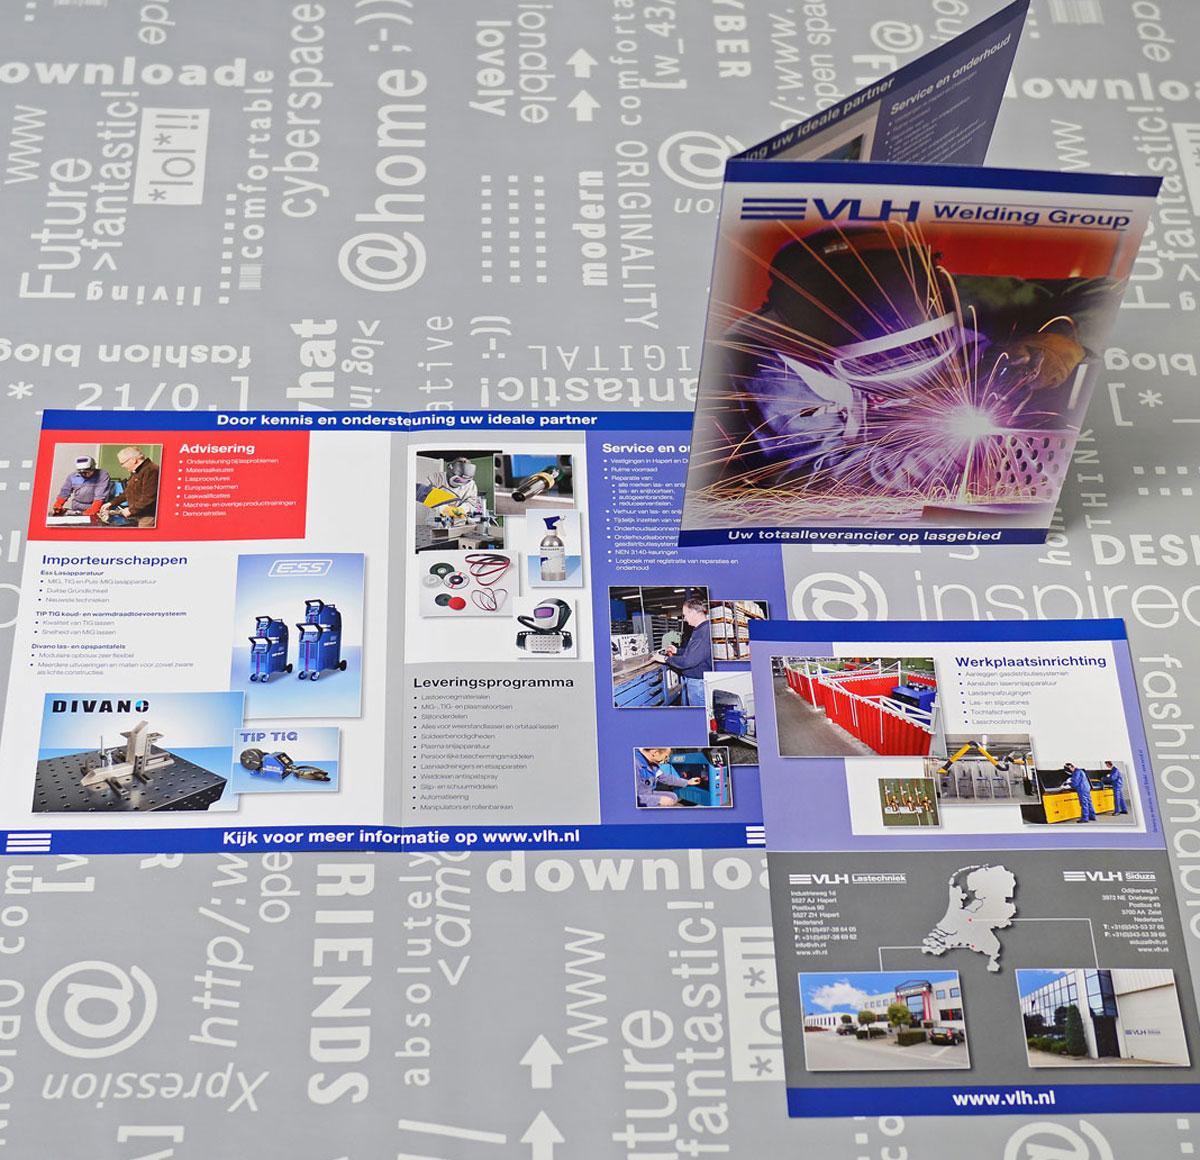 VLH, reclame, ontwerp, huisstijl, grafische vormgeving, bedrijfsfotografie, tekst, DTP, reclame-uiting, brochure, Portfolio